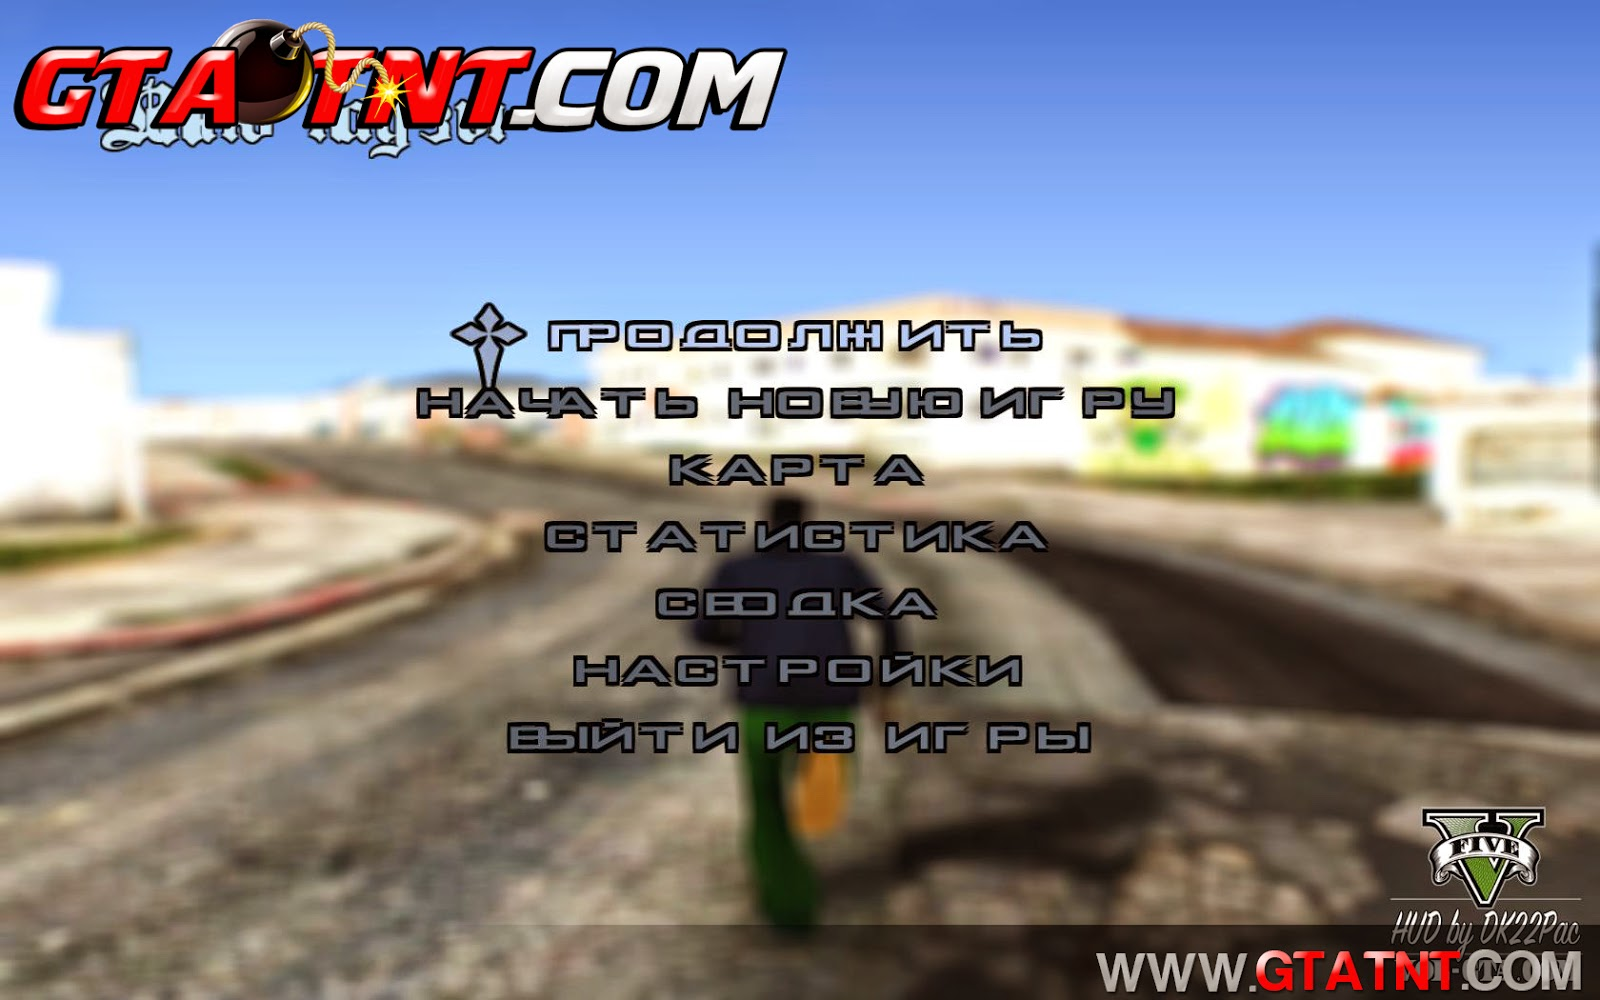 GTA SA - HUD + GPS + Menu de Armas + Troca de Personagem do GTA 5 Gta_sa%2B2014-09-03%2B11-16-43-99